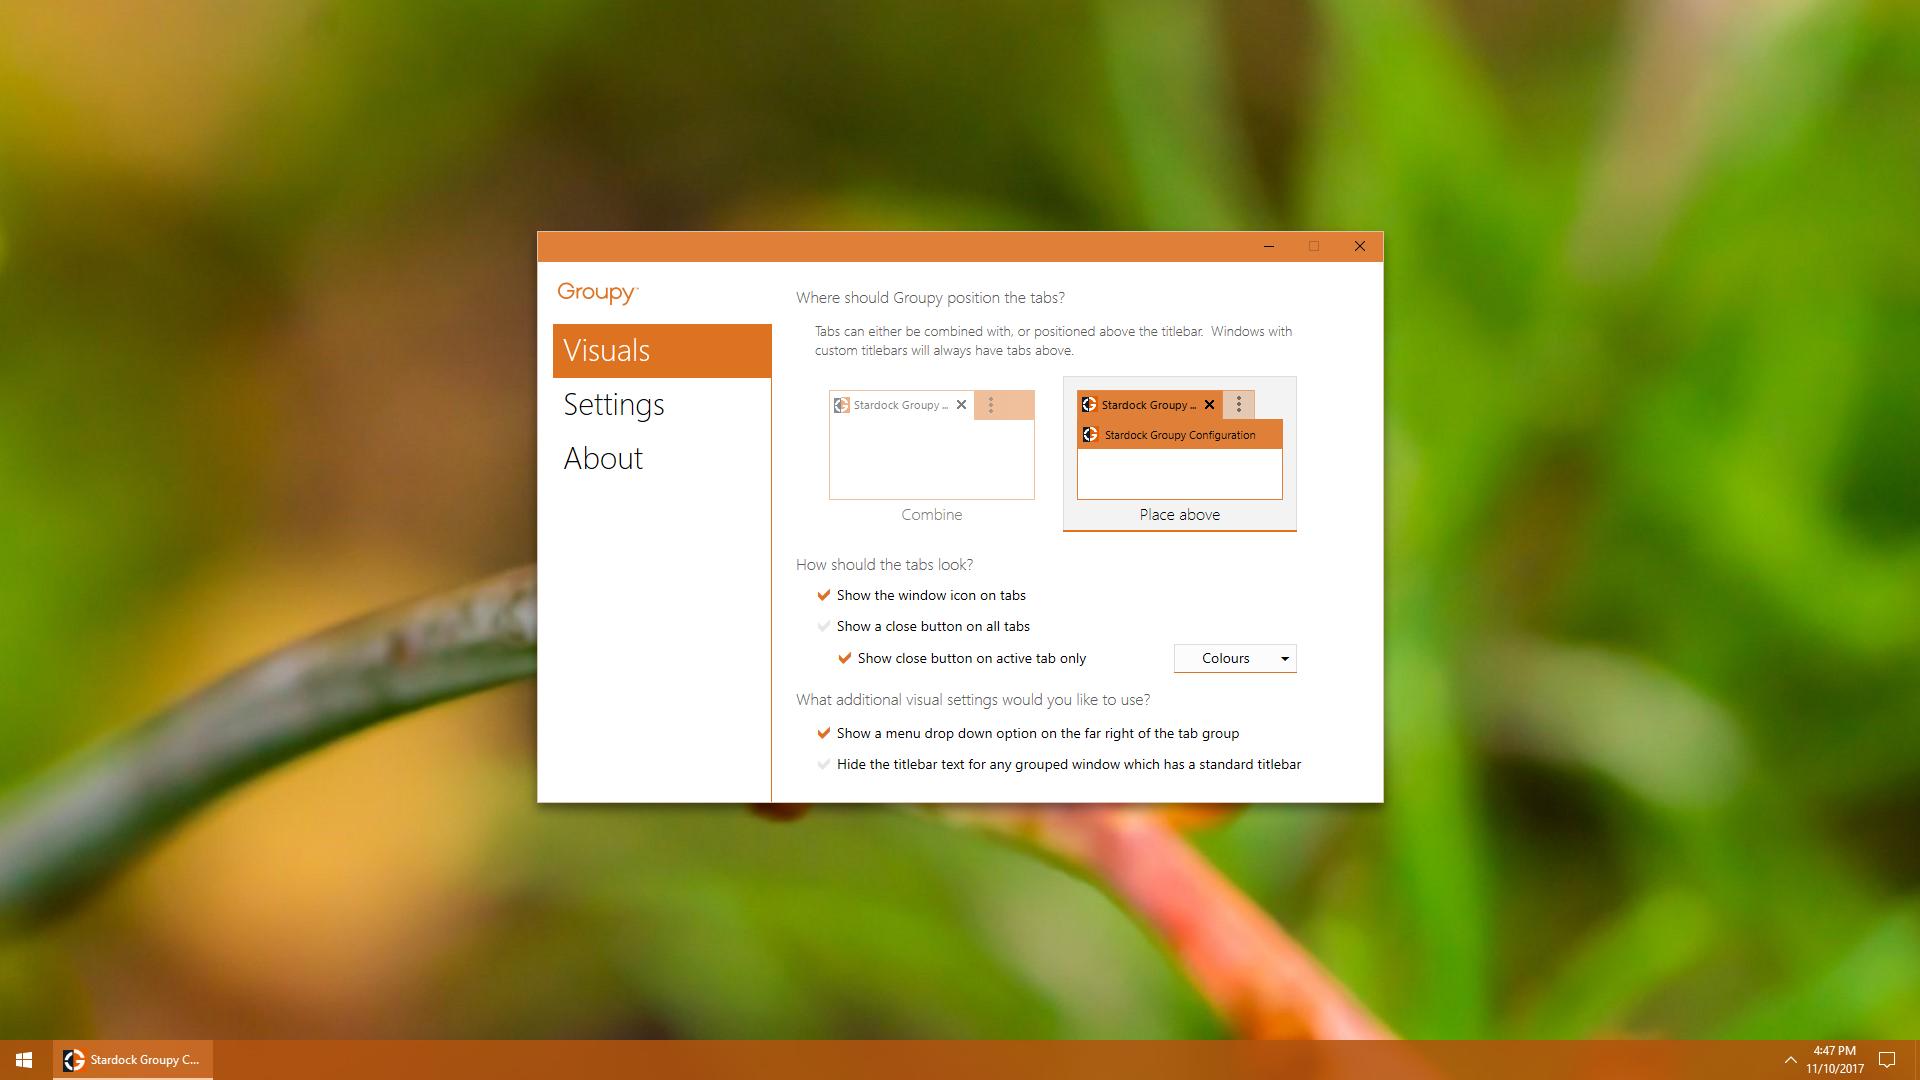 Stardock's Groupy app similar to Windows 10 upcoming